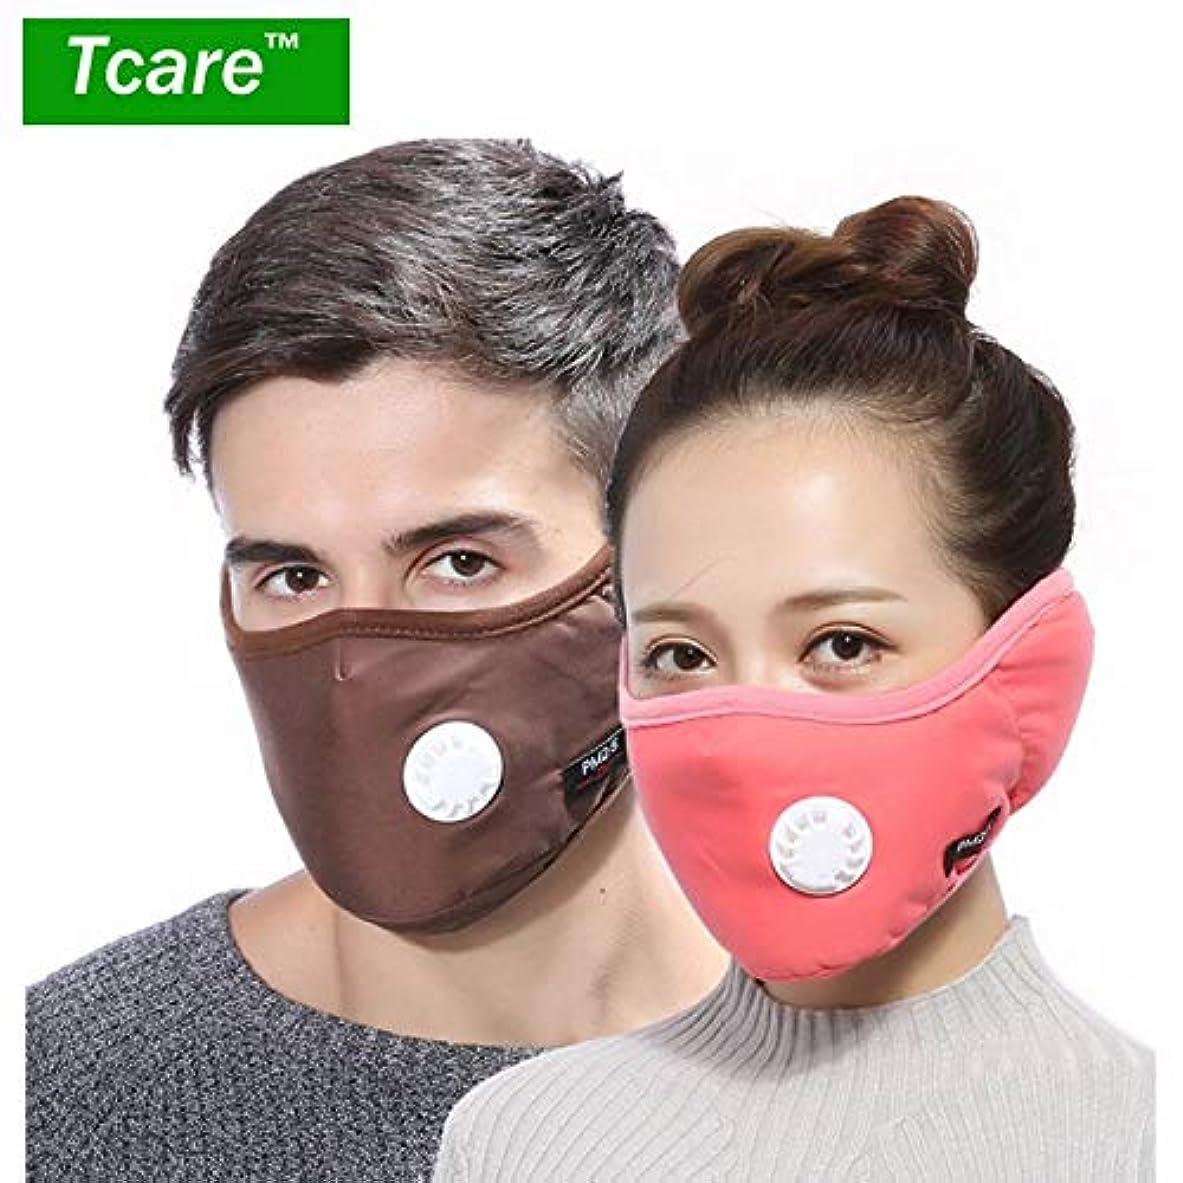 請求可能検出可能フック7グレー:1 PM2.5マスクバルブコットンアンチダスト口マスクの冬のイヤーマフActtedフィルター付マスクでTcare 2